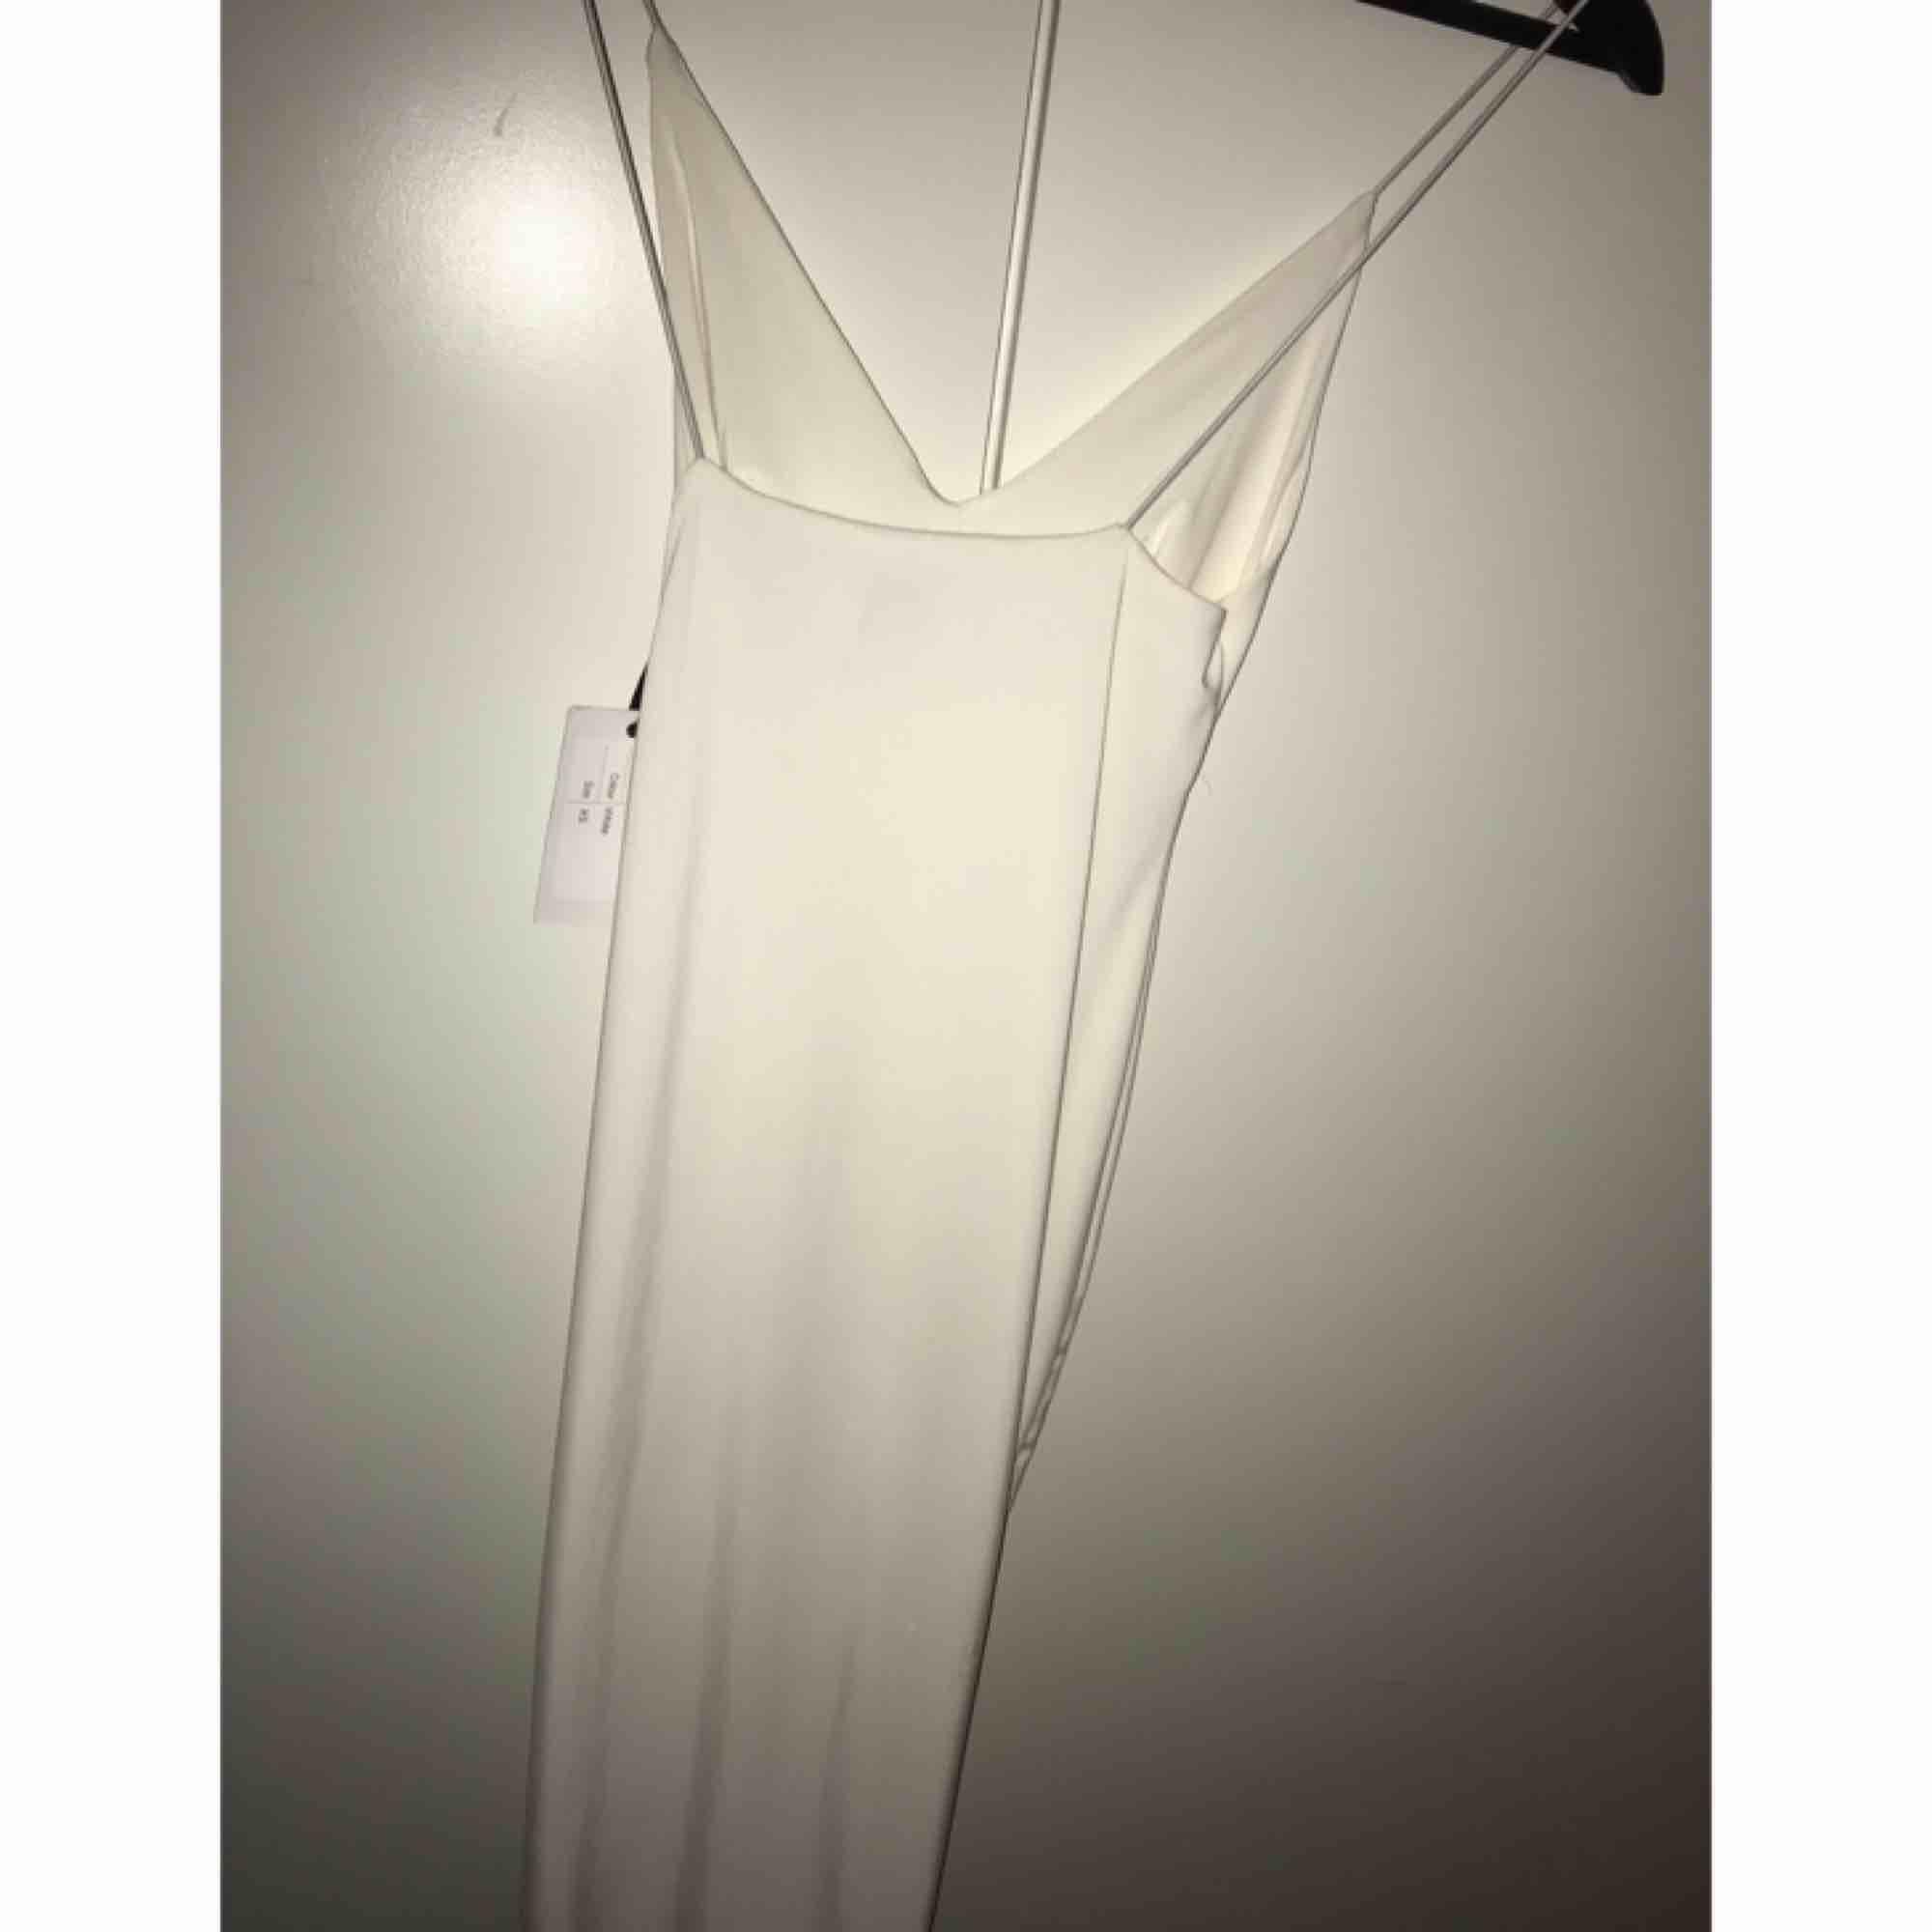 En riktigt snygg klänning som är helt oanvänd! Köpte den för 400 kr från Rebecka Stella! Sitter som en smäck👌🏻👌🏻, klänningen går ovanför knäna ungefär! Säljer den eftersom den passar inte mig😊. Klänningar.